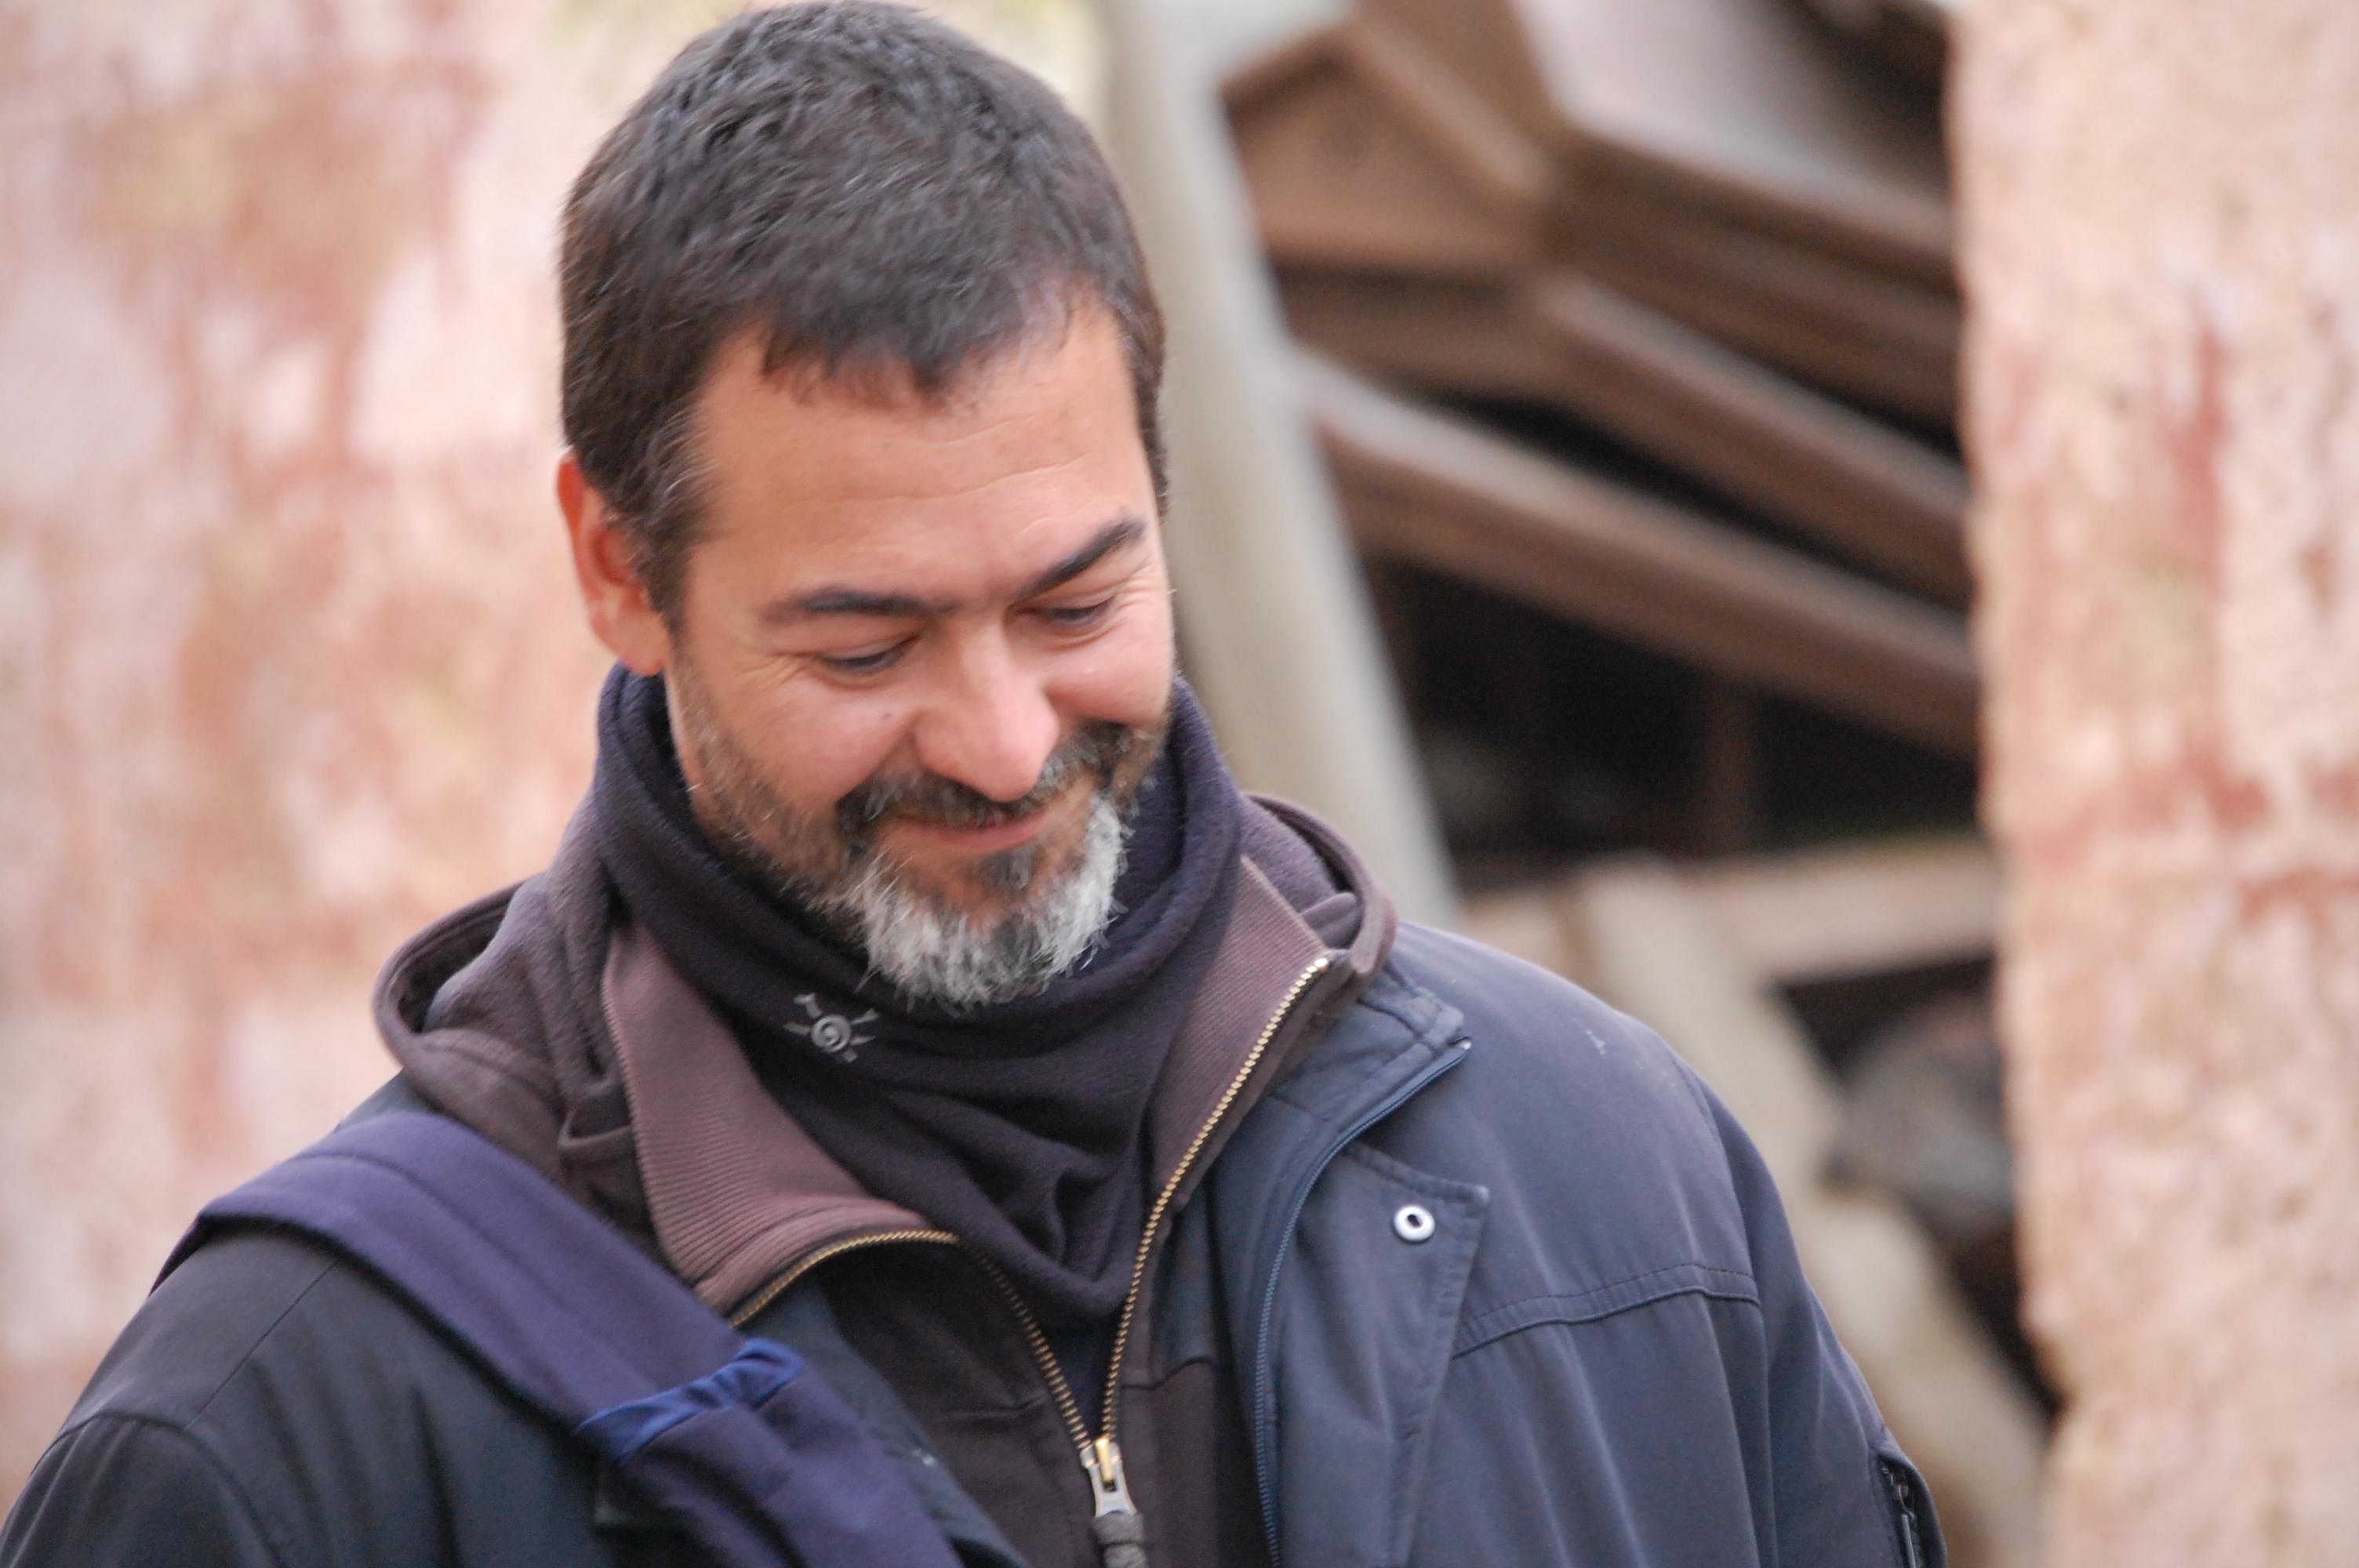 Riccardo Brun scrittore e sceneggiatore del film Zeta